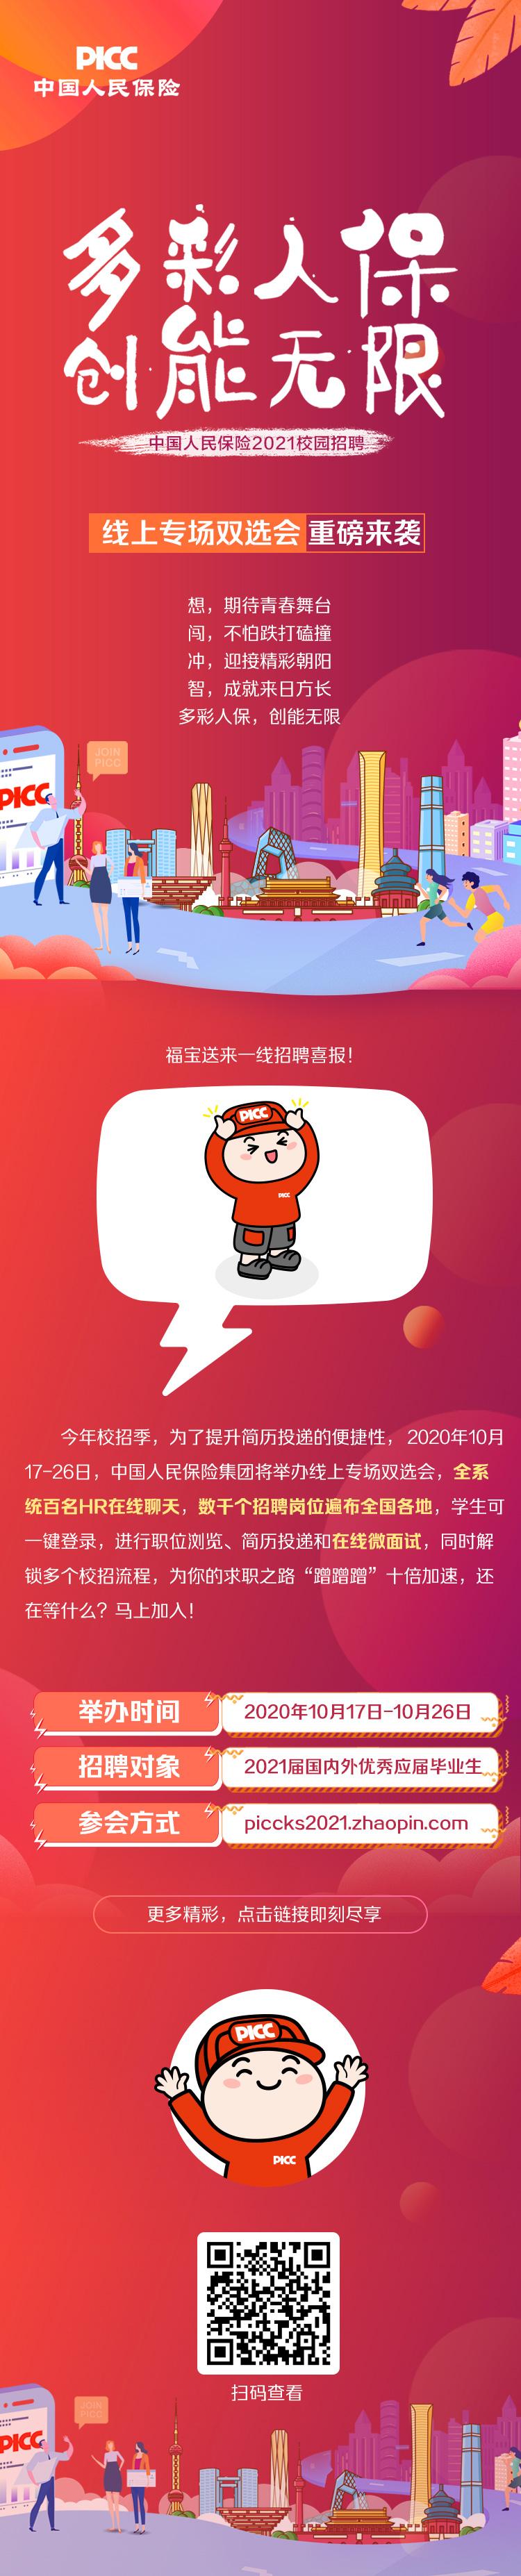 2021校园招聘线上双选会广告.jpg